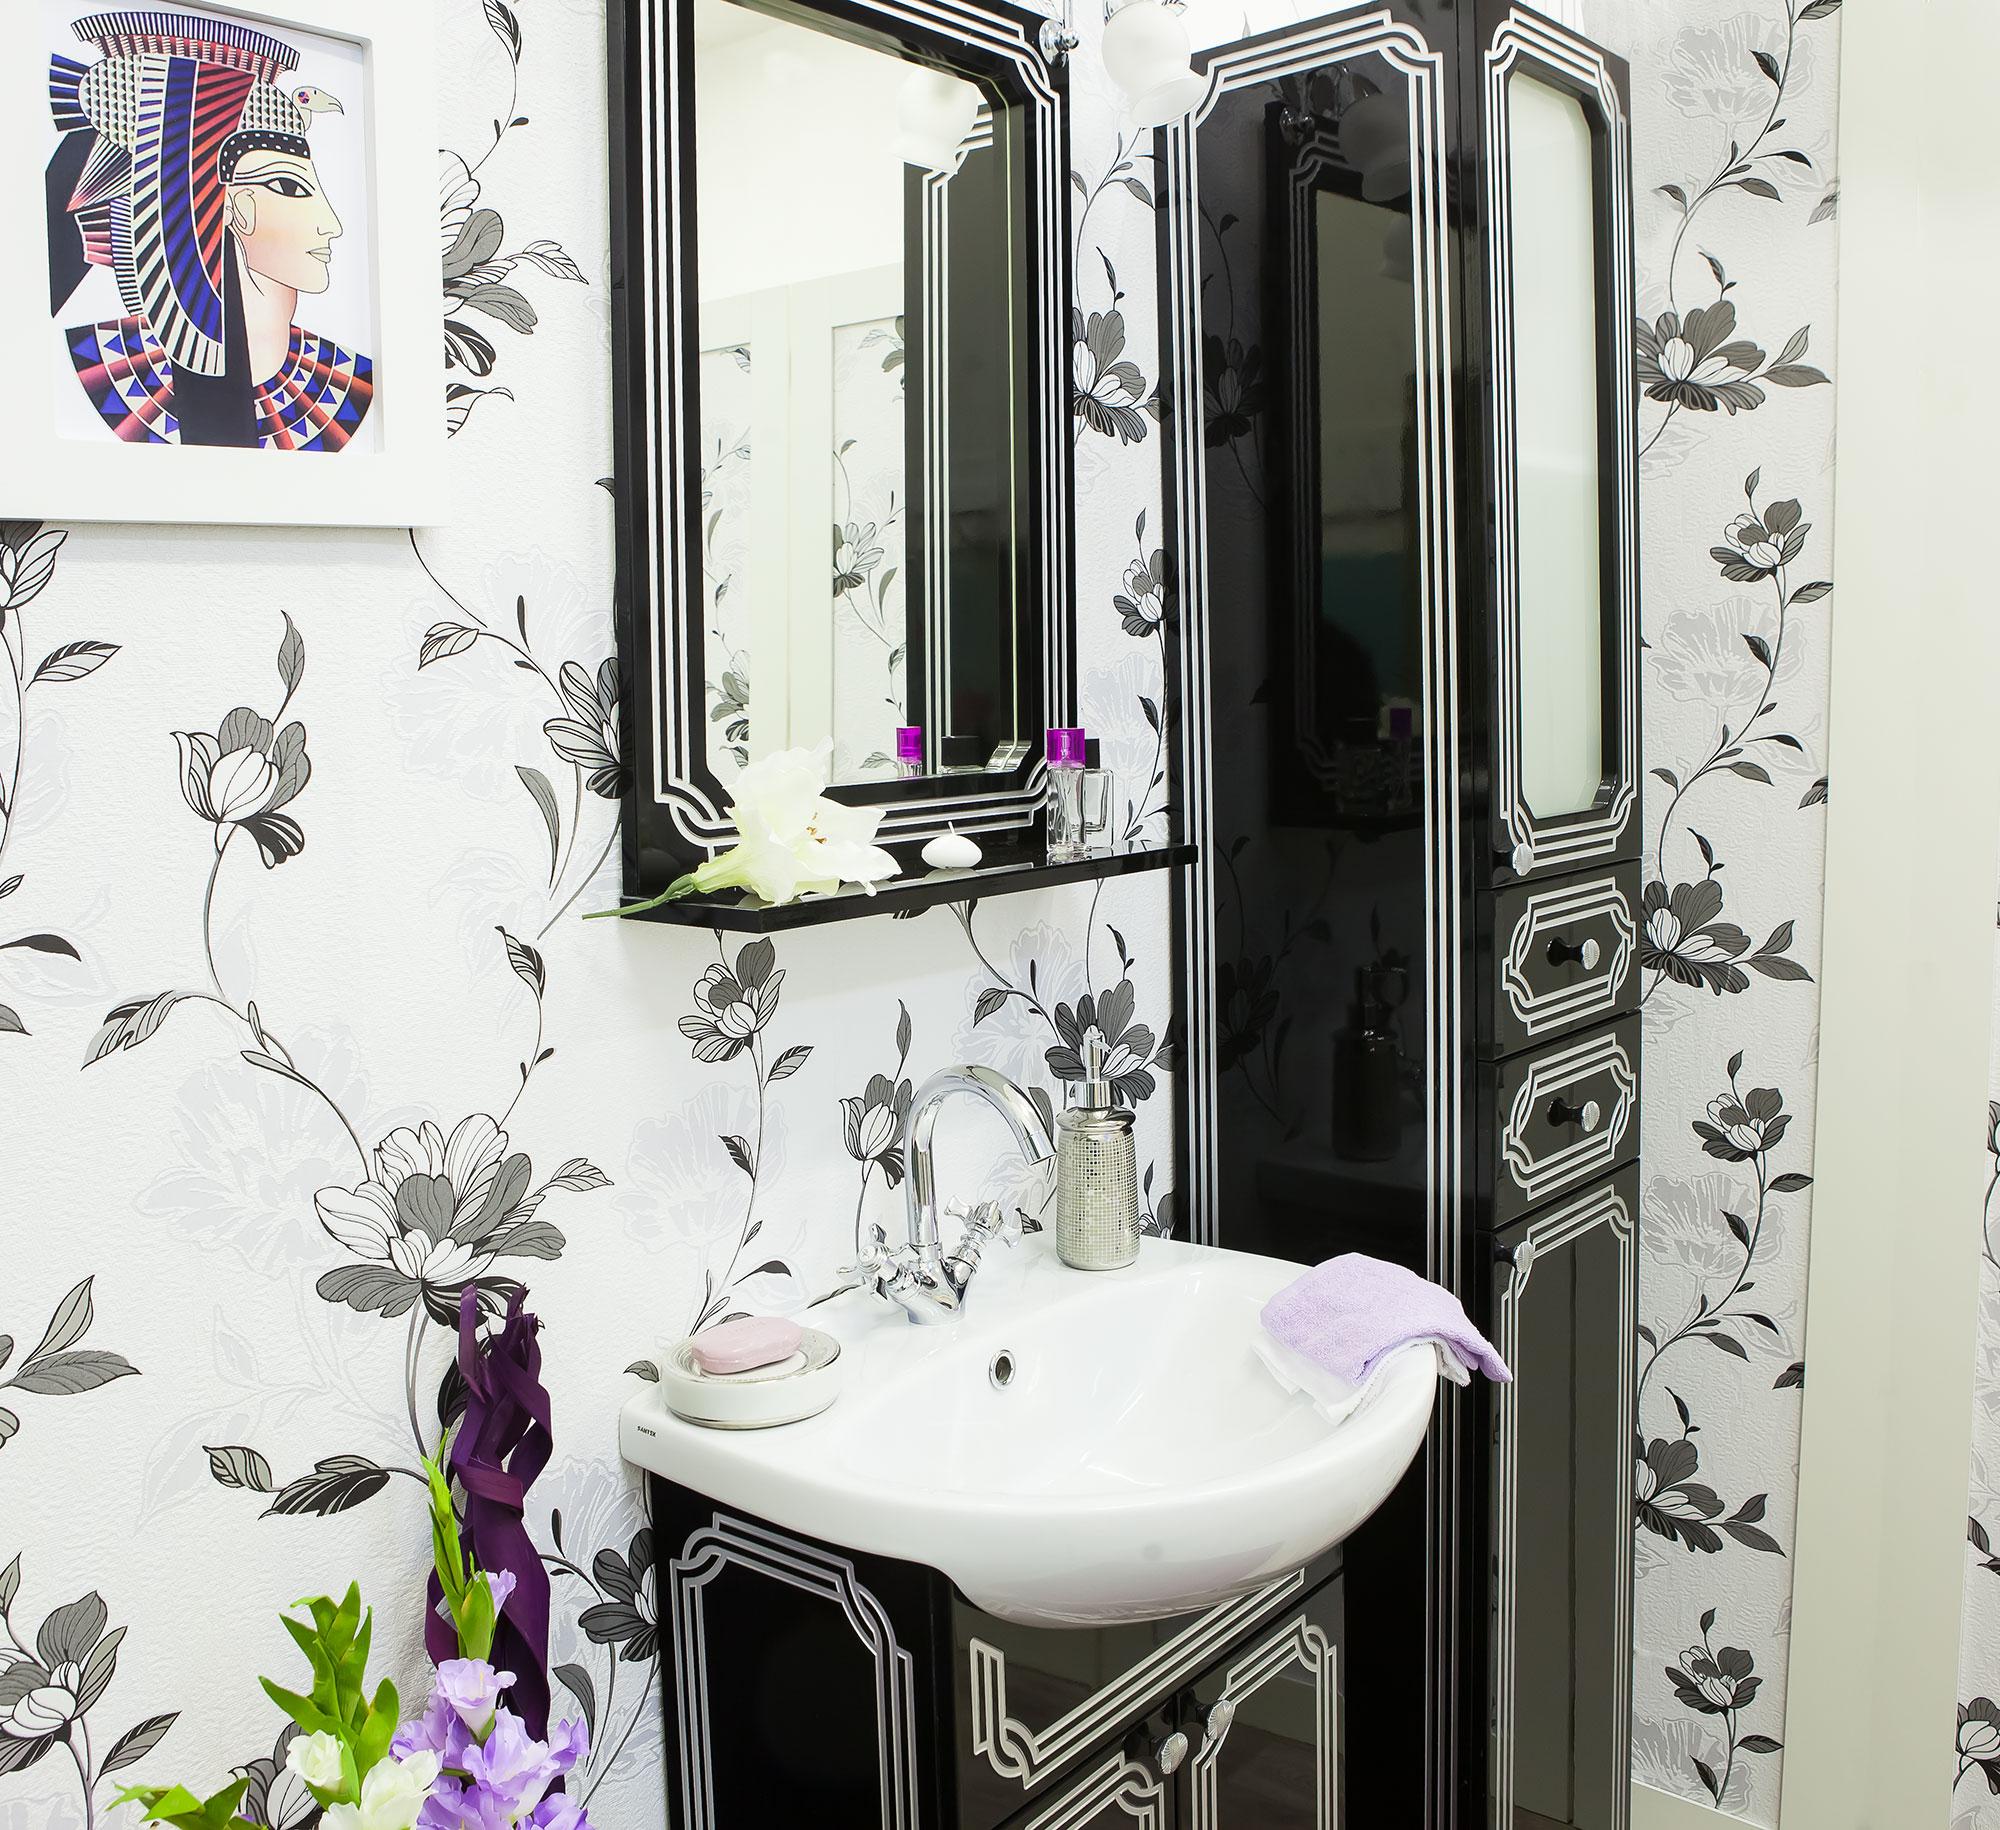 Сбор заказов. Для ванных комнат: тумбы, умывальники, пеналы, полупеналы, зеркала. 3D-фрезерование, патинирование, экологически чистые материалы. Мебель, которую выгодно покупать - 5